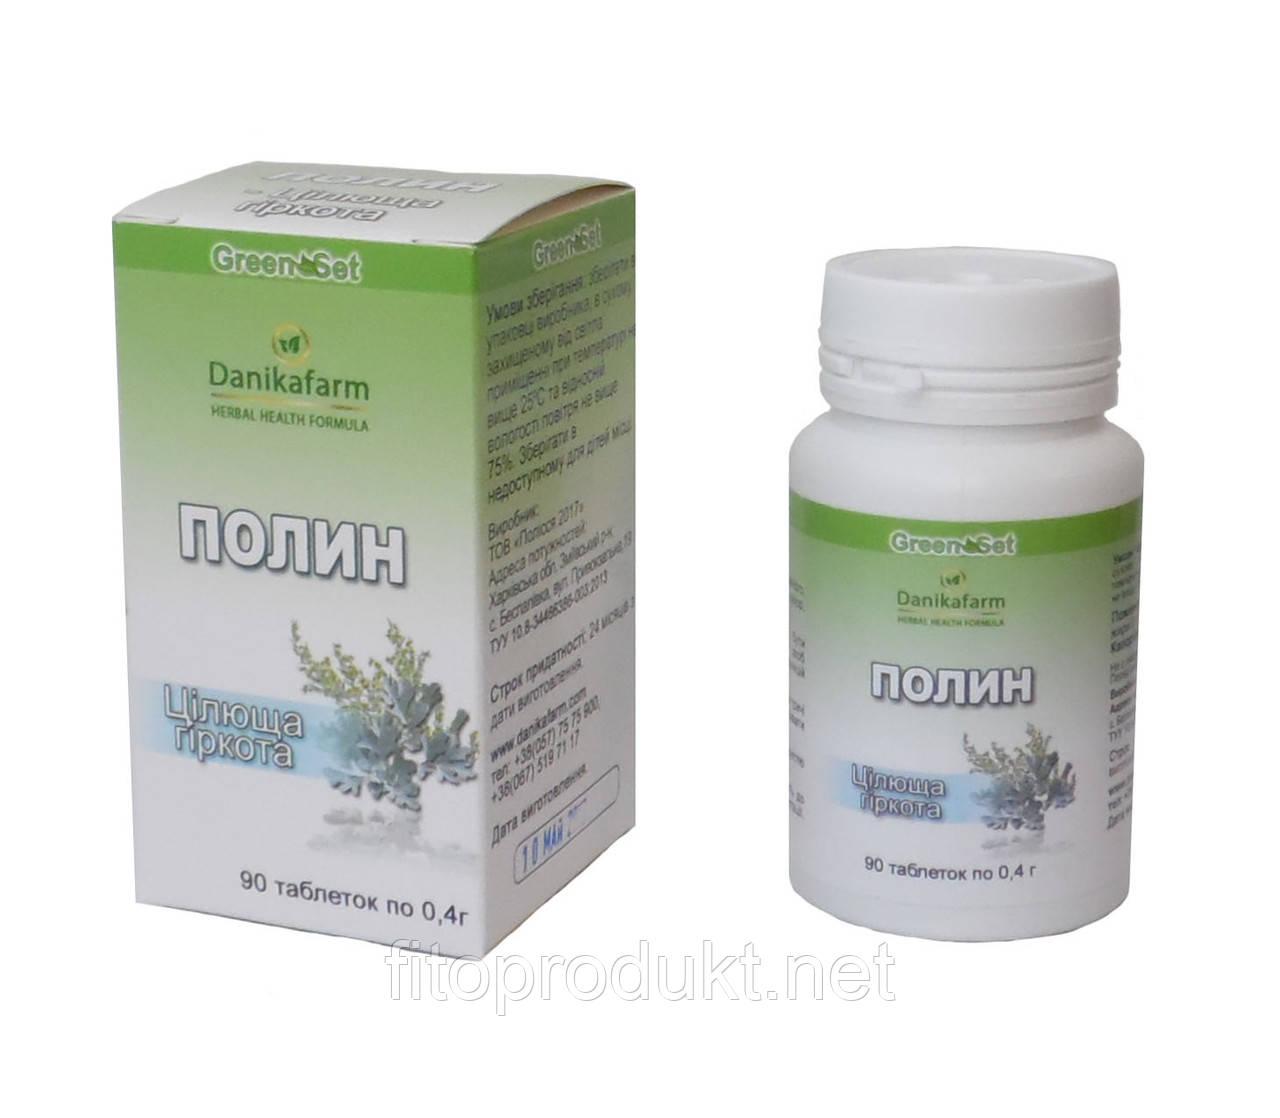 Полынь целебная горечь стимулирует жизнедеятельность организма 90 таблеток Даникафарм